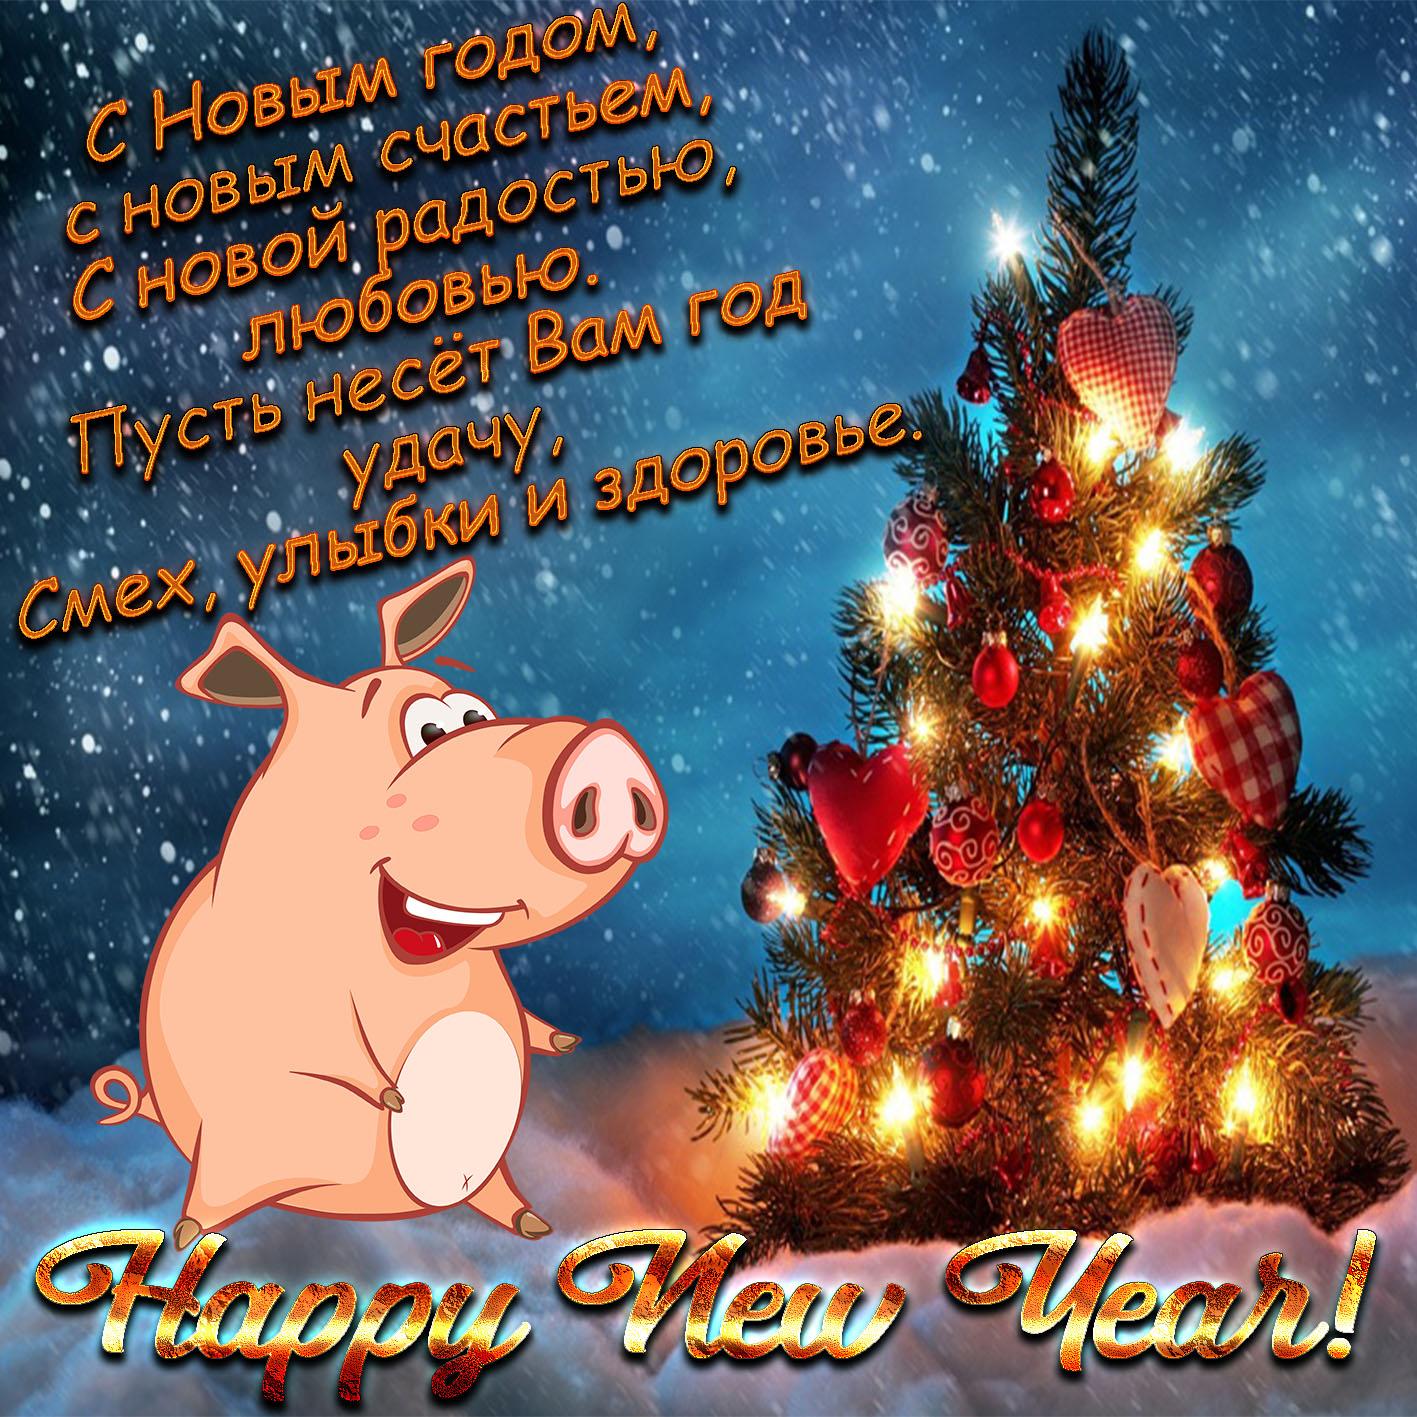 Открытка с весёлой свиньей у нарядной ёлки на Новый год